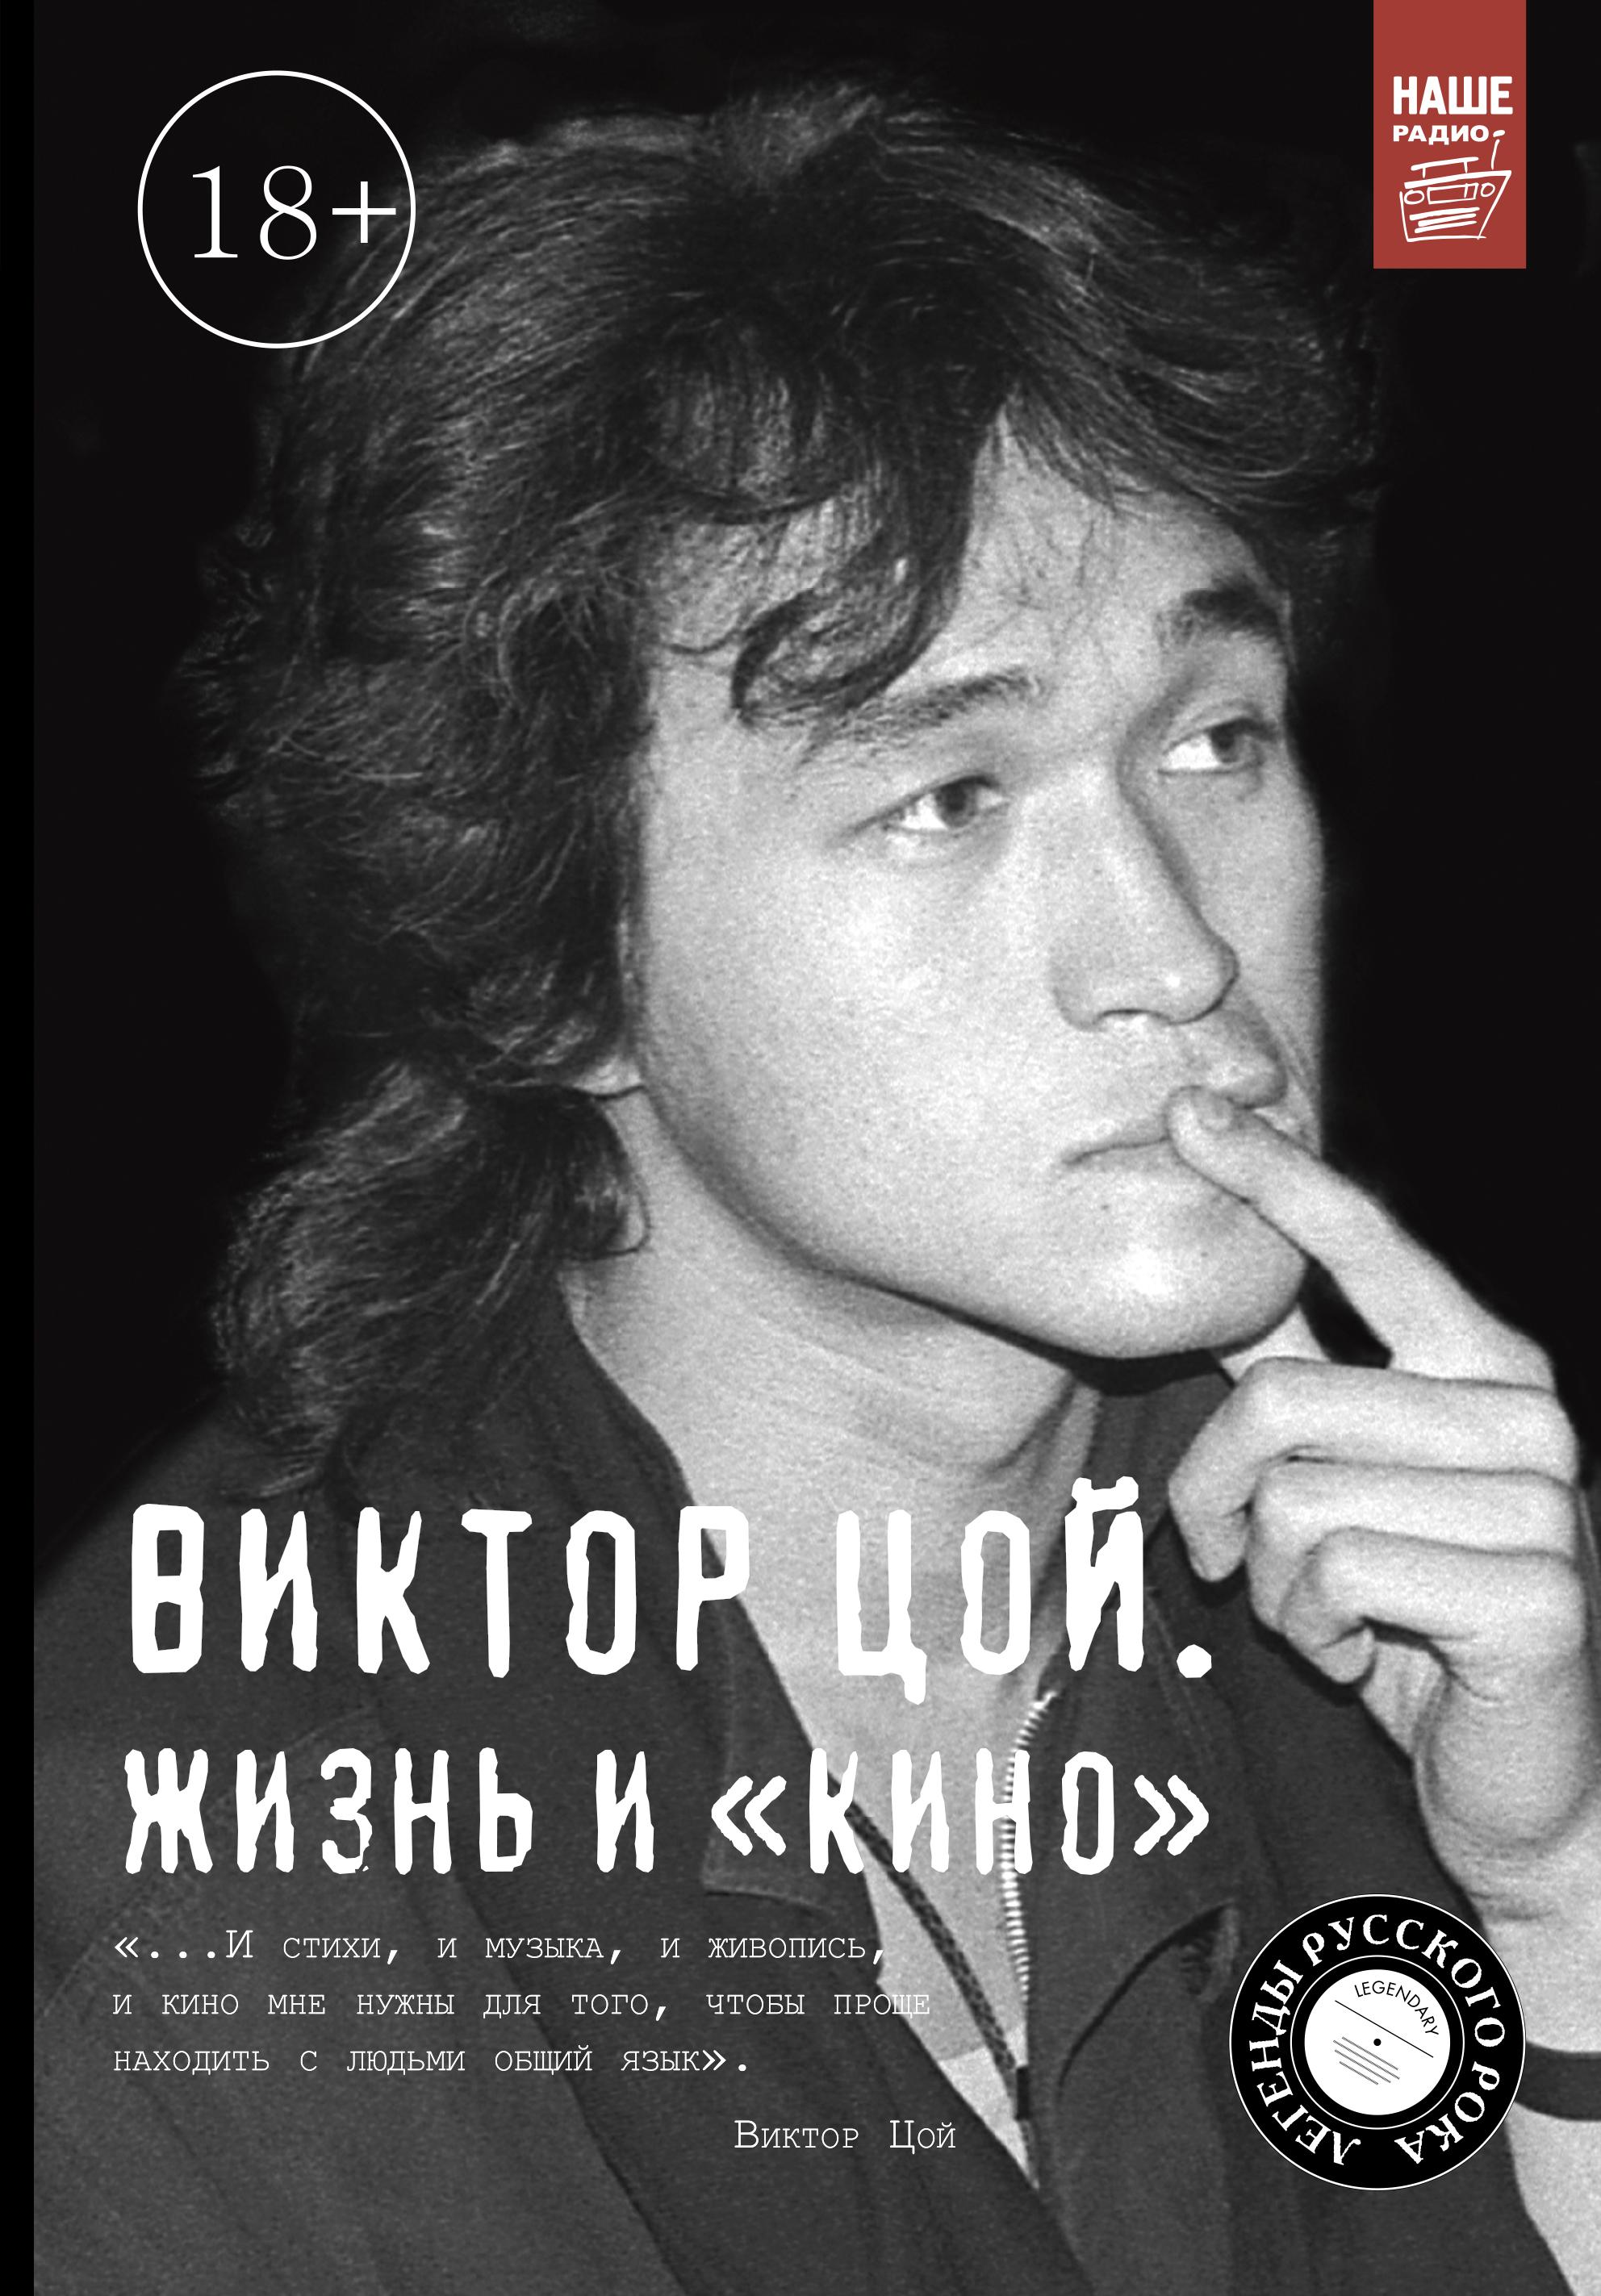 """Виктор Цой. Жизнь и """"Кино"""" ( Калгин В.  )"""